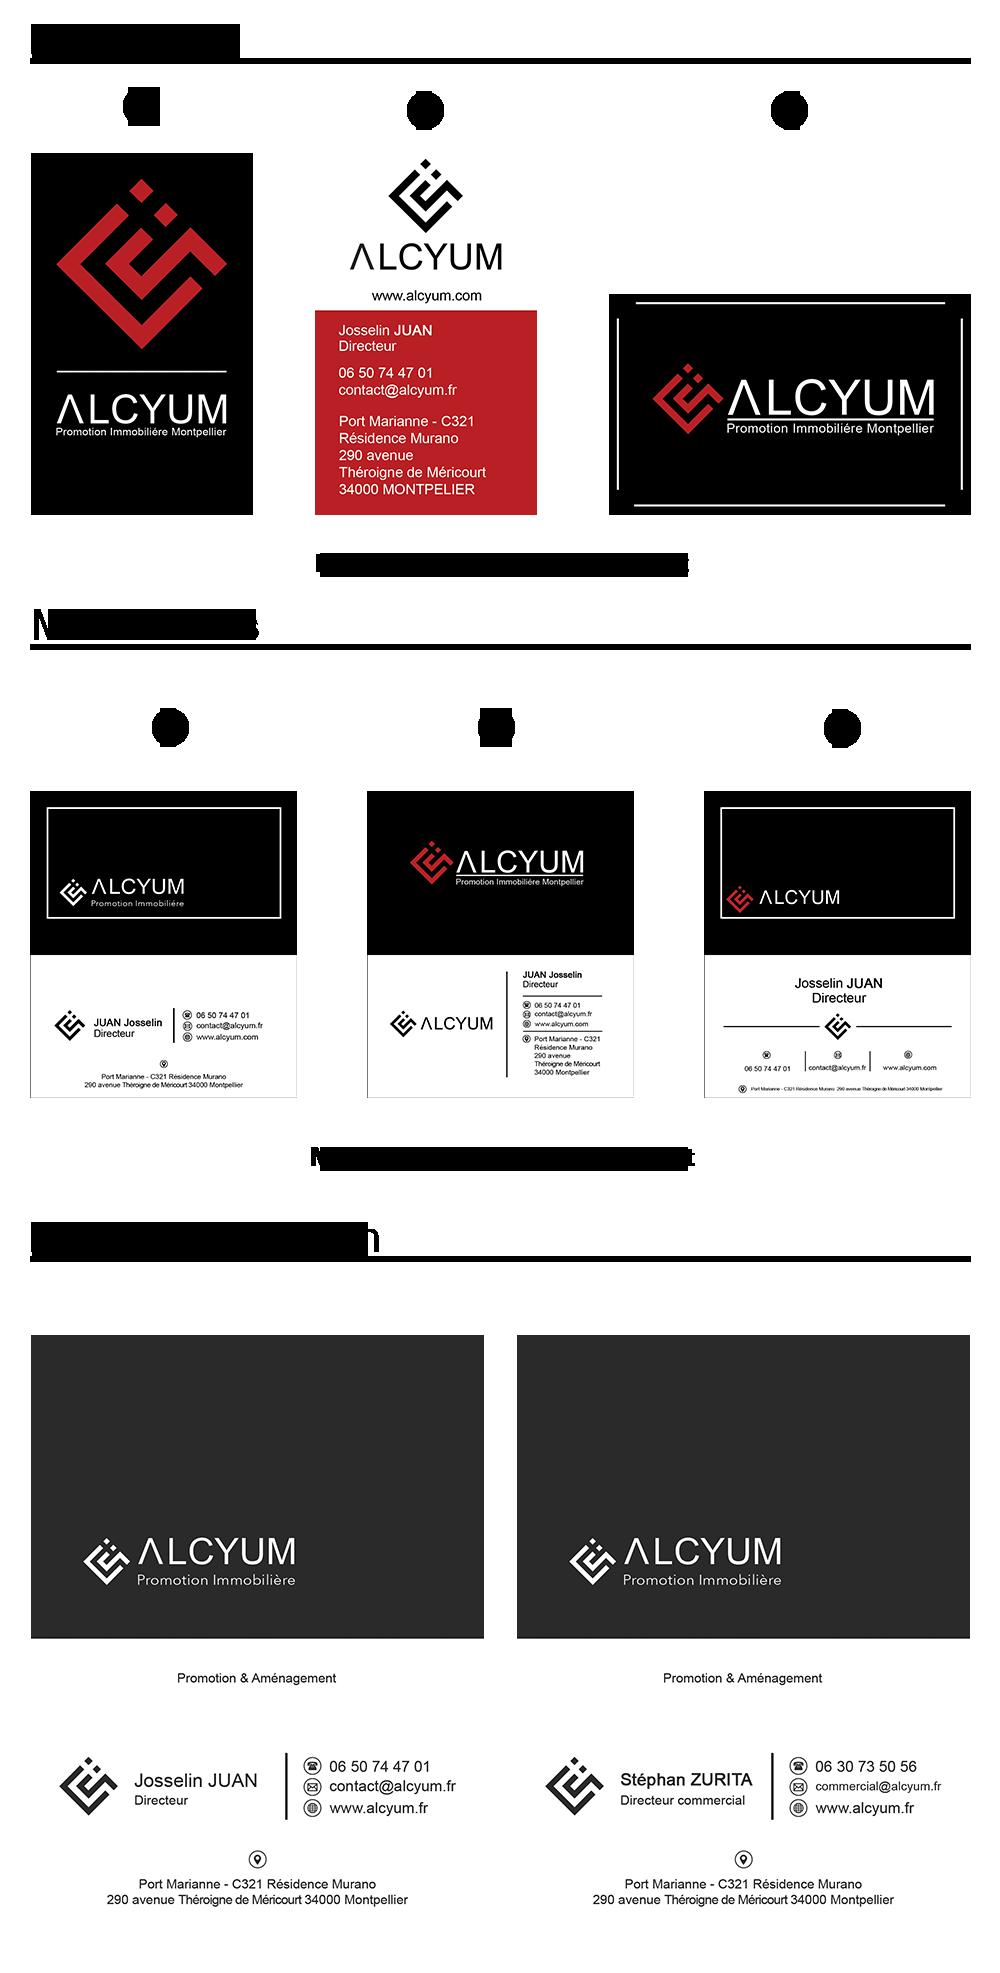 Propositions cartes de visite Alsyum Promotion immobilière